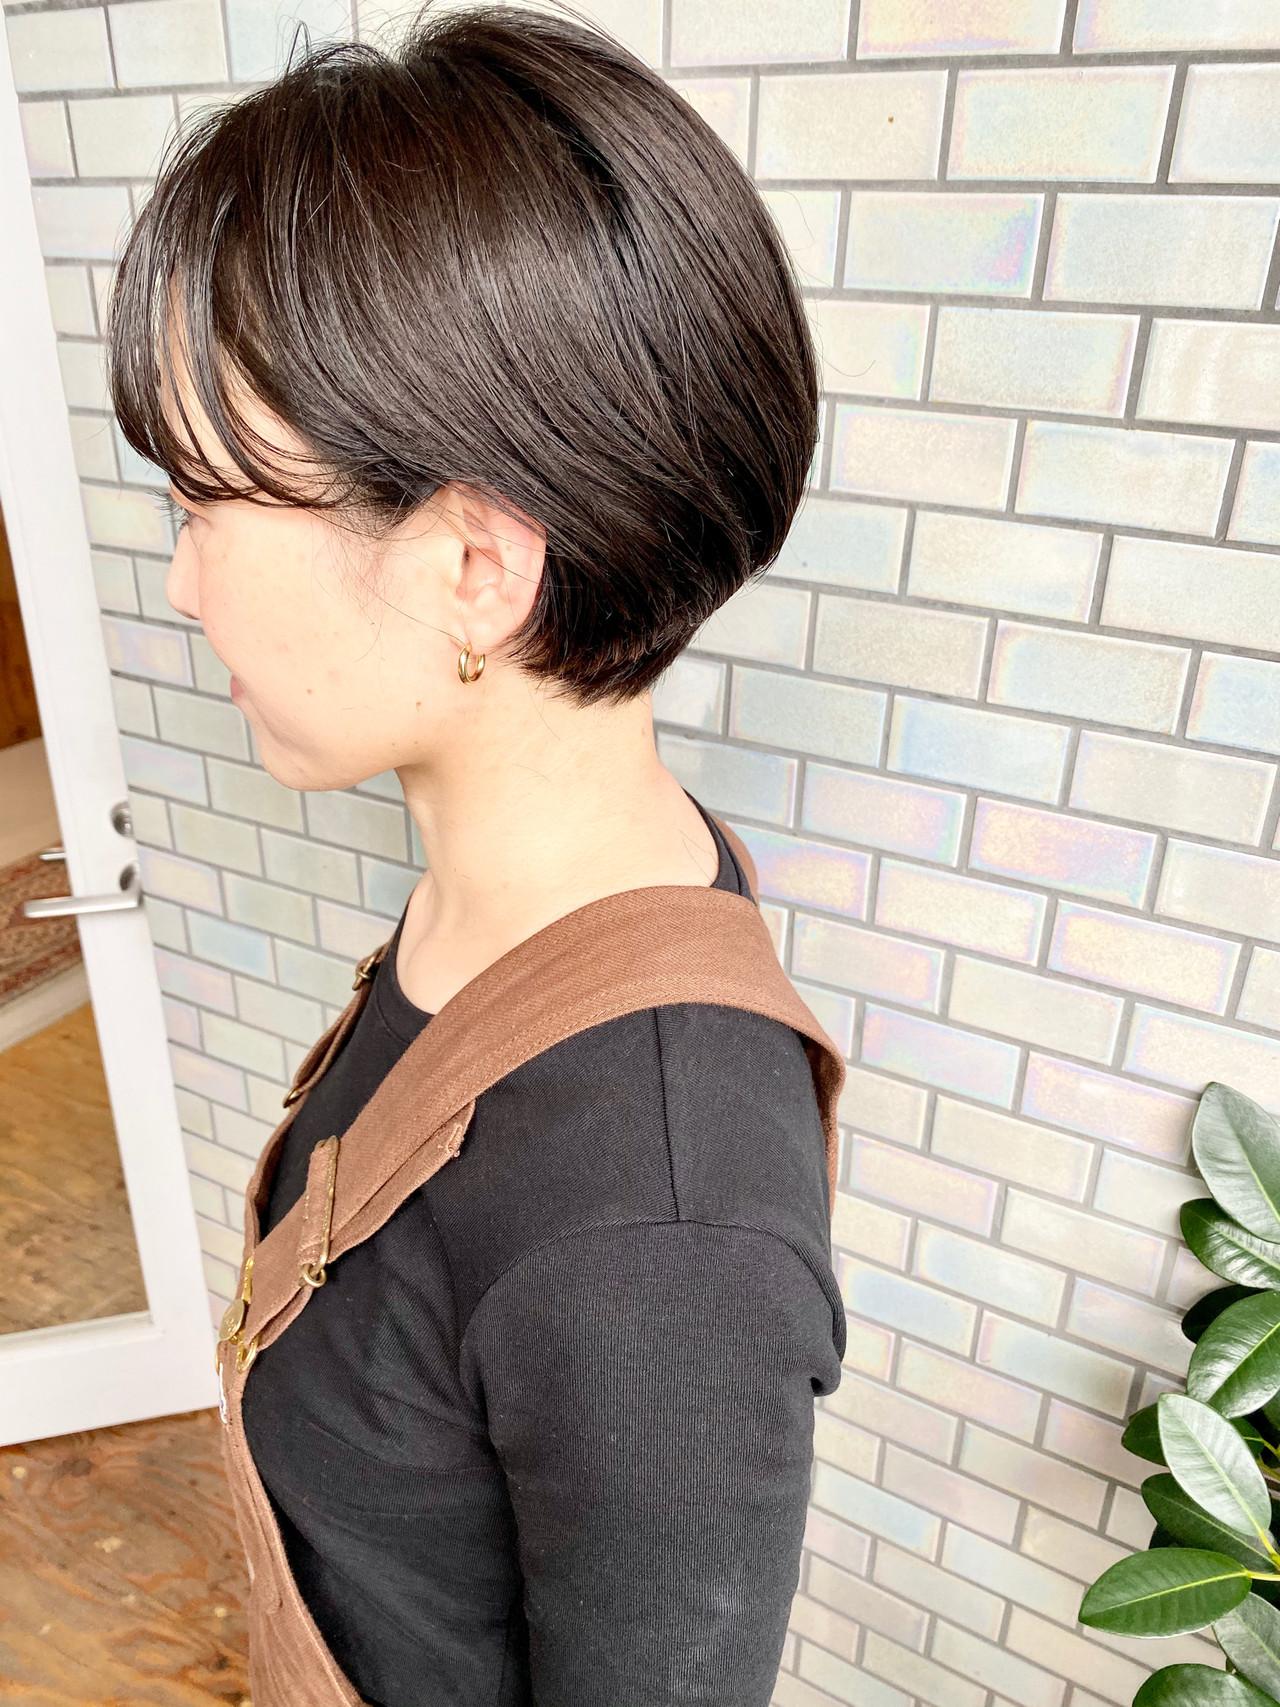 ショート デート ナチュラル ショートボブ ヘアスタイルや髪型の写真・画像 | 大人可愛い【ショート・ボブが得意】つばさ / VIE